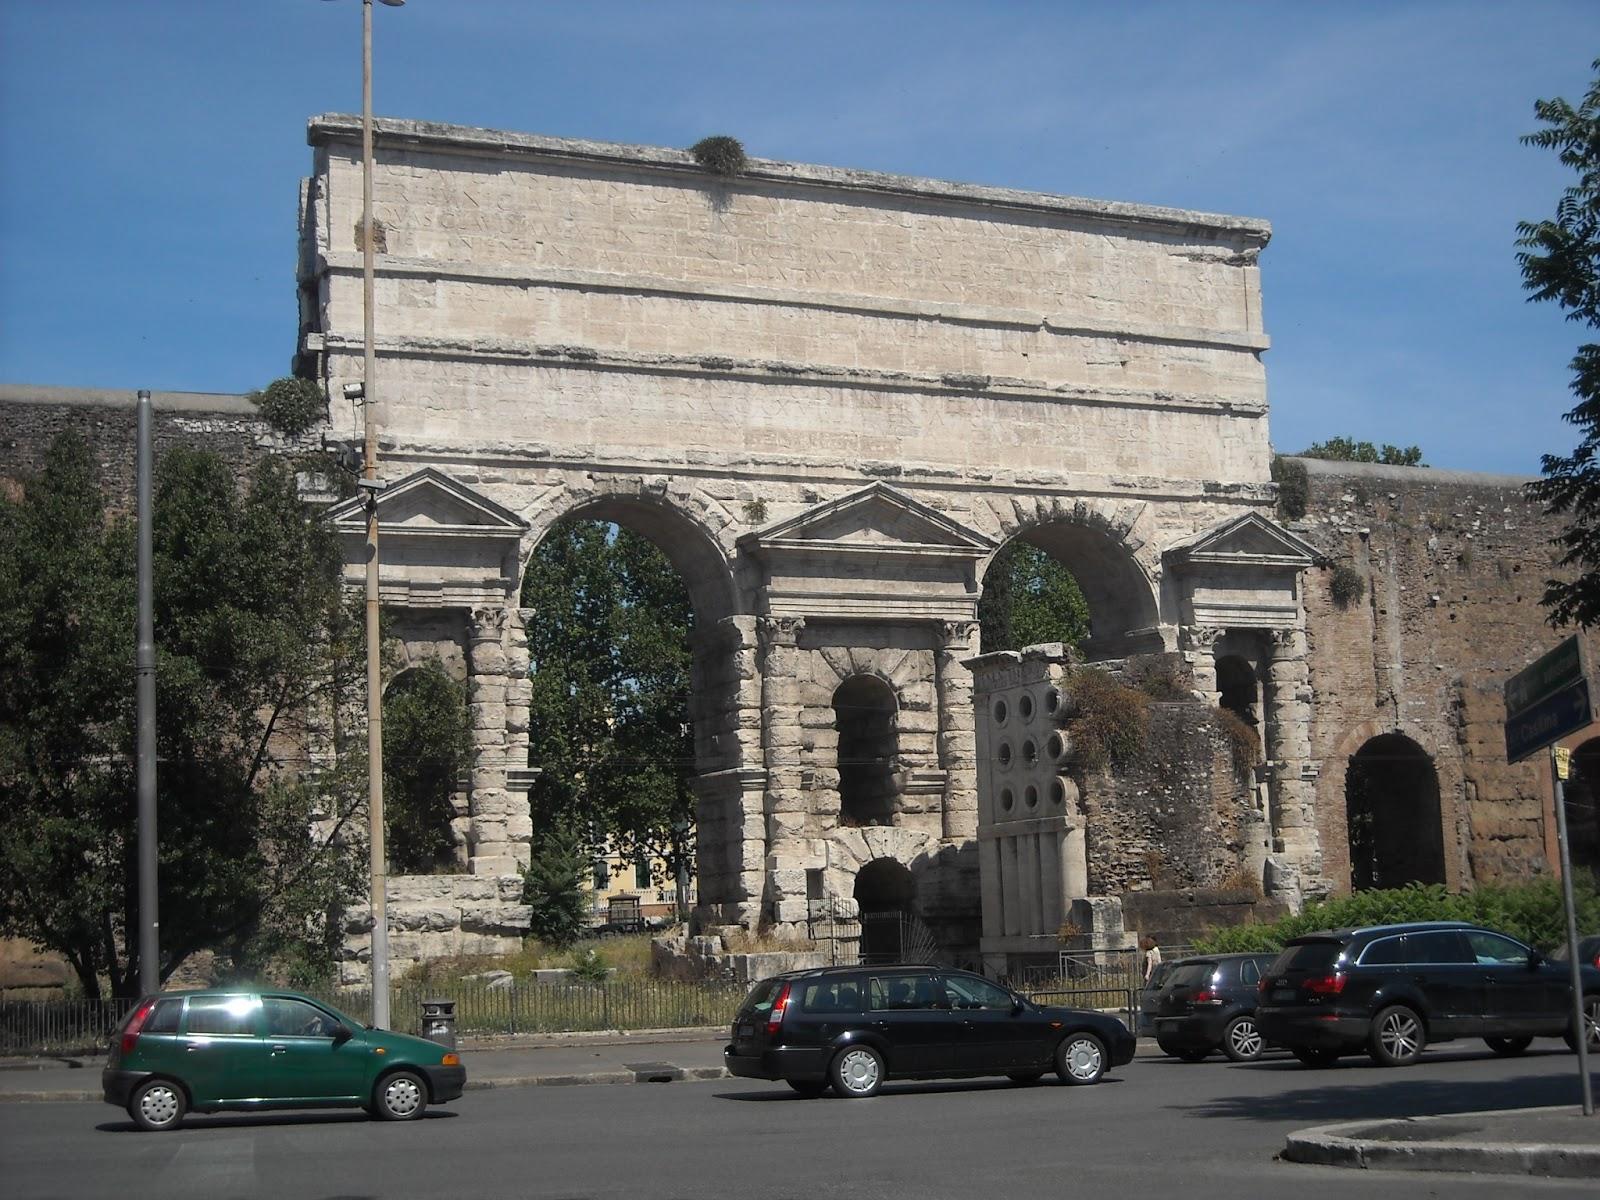 Bisanzio porta maggiore porta prenestino labicana - Rome porta maggiore ...